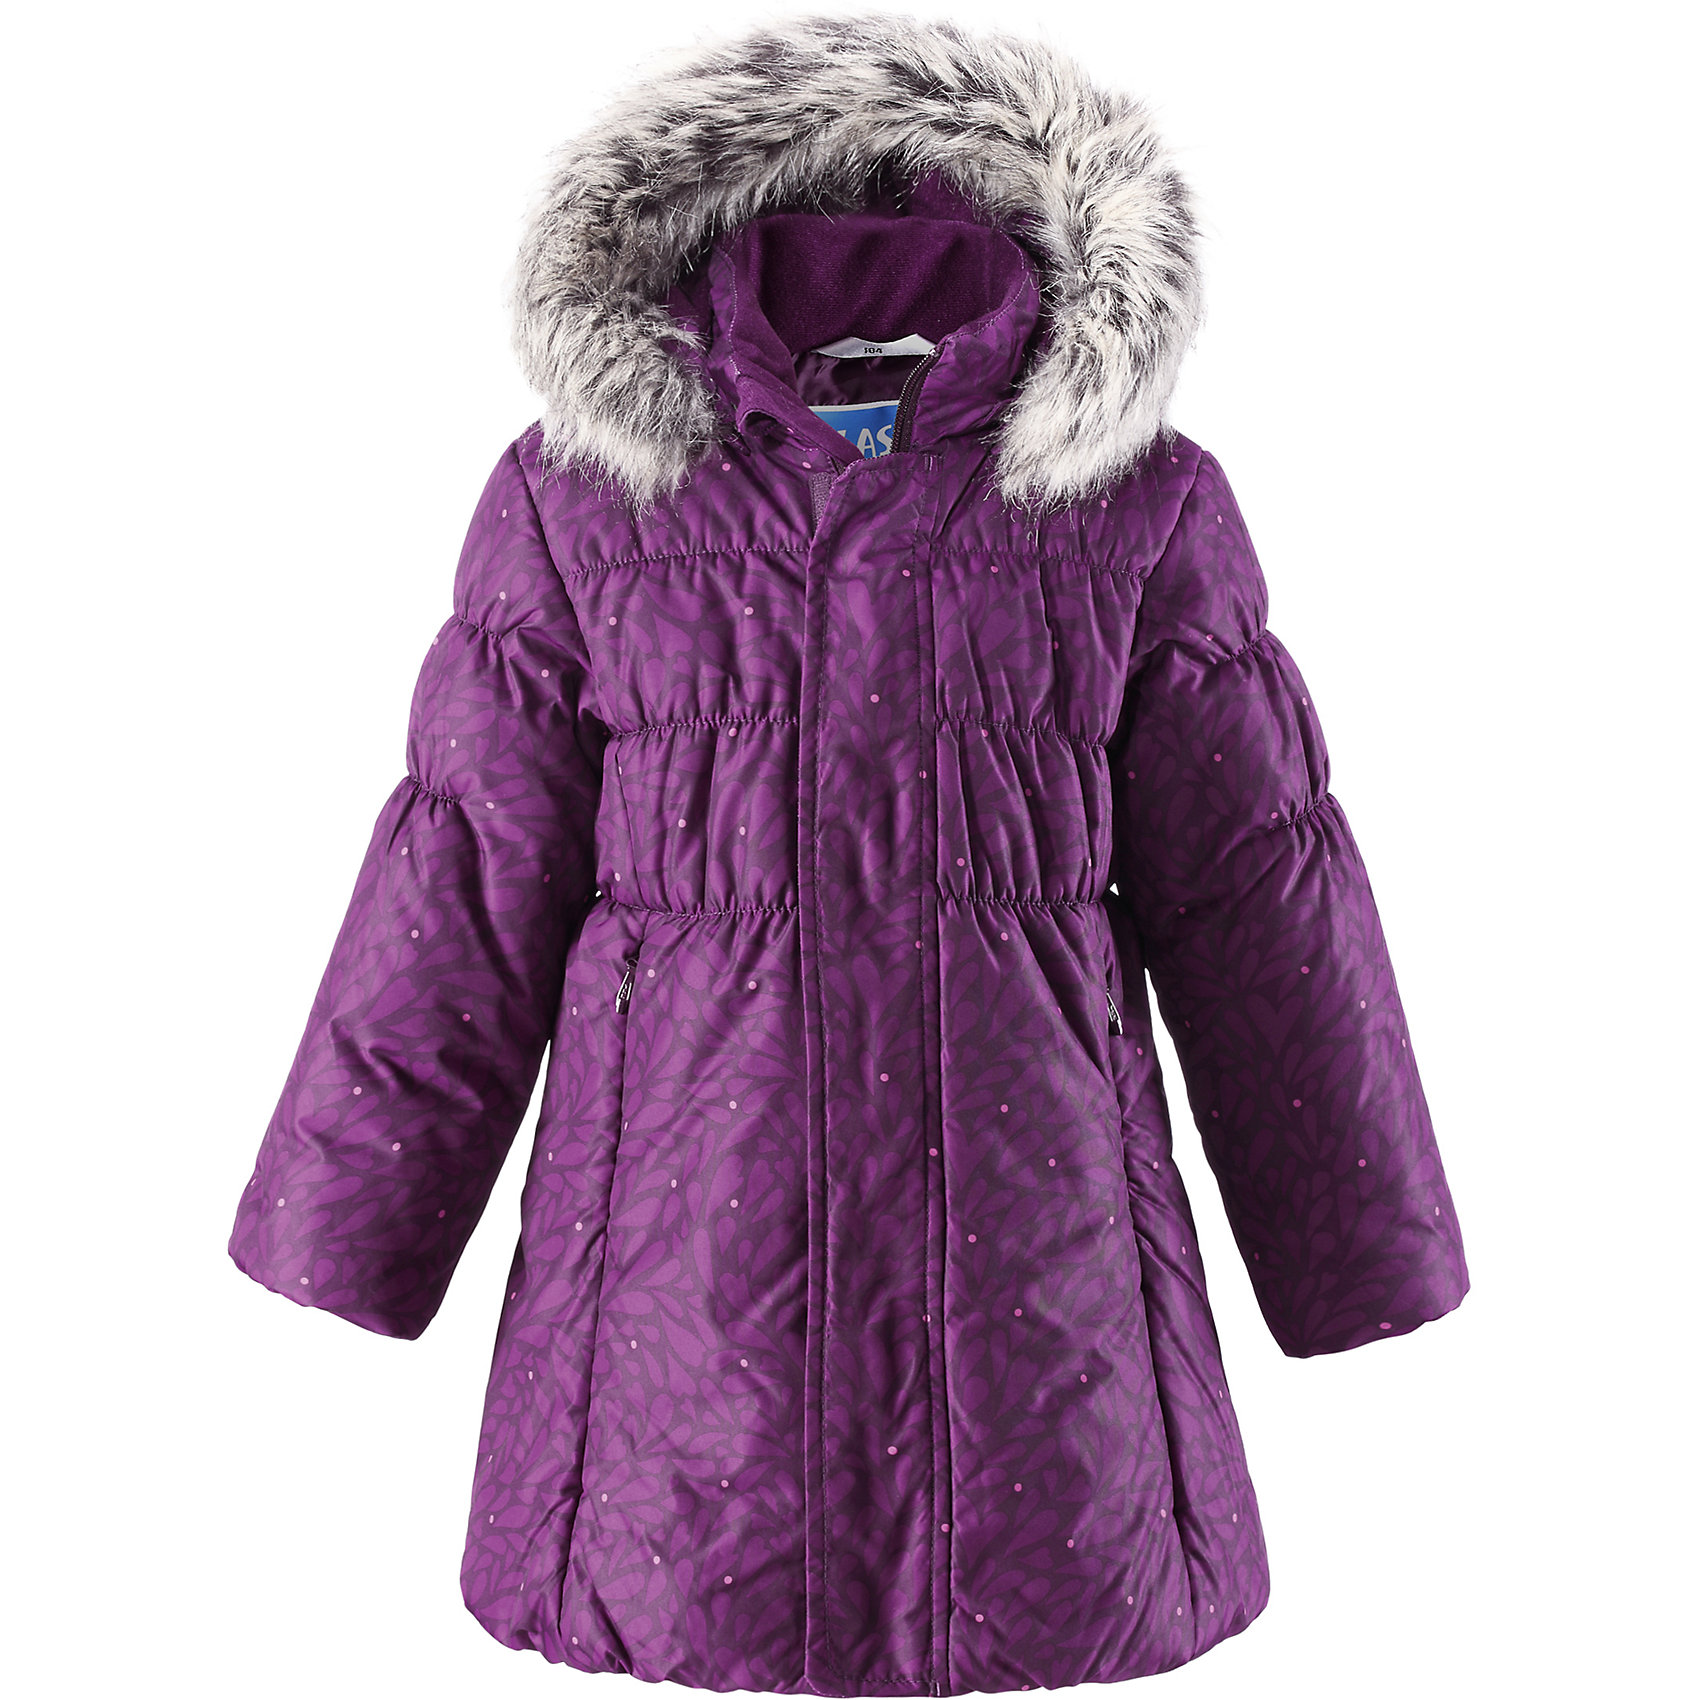 Пальто LASSIE by ReimaЗимнее пальто для детей известной финской марки.<br><br>- Водоотталкивающий, ветронепроницаемый, «дышащий» и грязеотталкивающий материал.<br>- Крой для девочек. <br>- Гладкая подкладка из полиэстра.<br>- Средняя степень утепления. <br>- Безопасный съемный капюшон с отсоединяемой меховой каймой из искусственного меха.<br>- Эластичные манжеты. <br>- Регулируемый обхват талии. <br>- Карманы с клапанами.  <br><br>Рекомендации по уходу: Стирать по отдельности, вывернув наизнанку. Перед стиркой отстегните искусственный мех. Застегнуть молнии и липучки. Соблюдать температуру в соответствии с руководством по уходу. Стирать моющим средством, не содержащим отбеливающие вещества. Полоскать без специального средства. Сушение в сушильном шкафу разрешено при  низкой температуре.<br><br>Состав: 100% Полиамид, полиуретановое покрытие.  Утеплитель «Lassie wadding» 200гр.<br><br>Ширина мм: 356<br>Глубина мм: 10<br>Высота мм: 245<br>Вес г: 519<br>Цвет: фиолетовый<br>Возраст от месяцев: 18<br>Возраст до месяцев: 24<br>Пол: Женский<br>Возраст: Детский<br>Размер: 92,140,134,128,122,116,110,104,98<br>SKU: 4782378